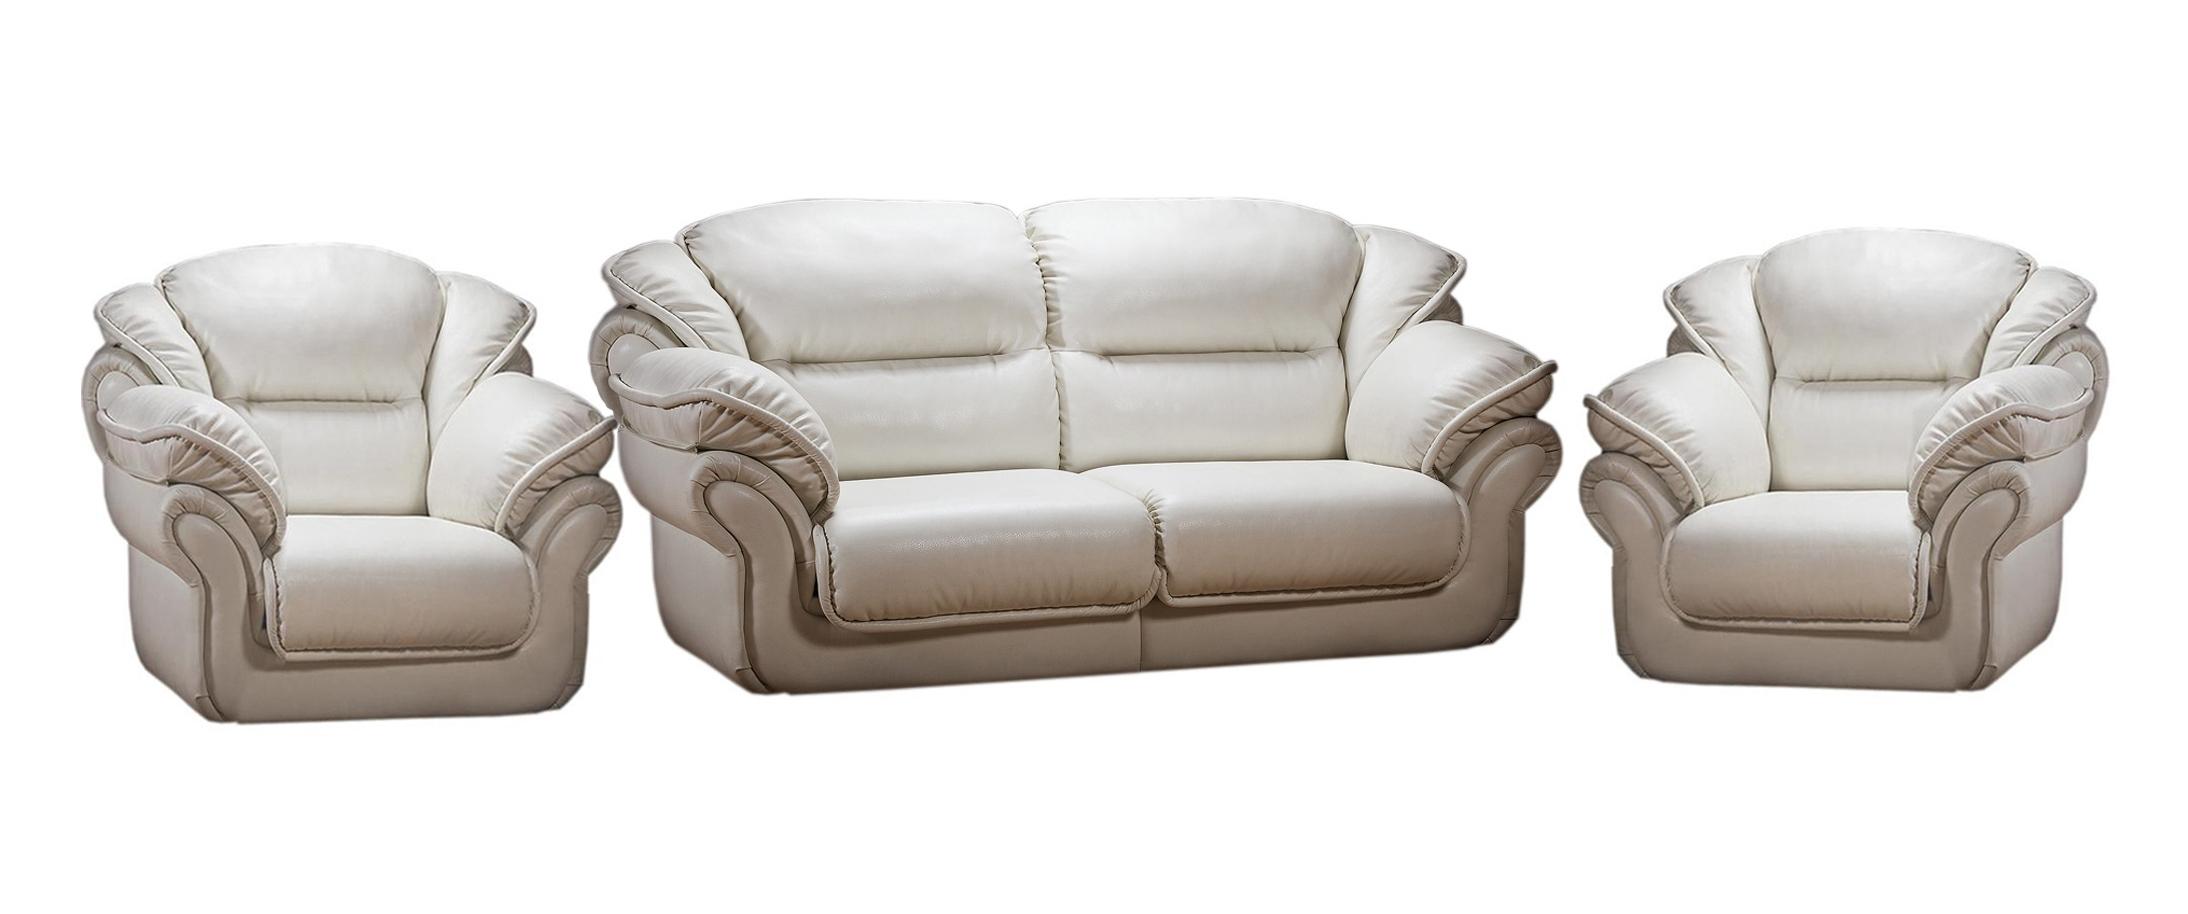 Комплект мебели Адажио LAVSOFAКомплекты мягкой мебели<br>Размер дивана: 220х110х103<br>Размер кресла: 128х110х103<br><br>Механизм: Нераскладной, возможно установить сп.место на диван 140х190<br>Каркас: Деревянный<br>Полный размер (ДхГхВ): 220х110х103<br>Размер кресла: 128х110х103<br>Спальное место кресла: Нераскладное<br>Наполнитель: ППУ высокой плотности (Пенополиуретан)<br>Примечание: Стоимость указана по минимальной категории ткани. Мебель может быть изготовлена в двух исполнениях: СТАНДАТ и ЛЮКС<br>Изготовление и доставка: 5-14 рабочих дней, в зависимости от обивки<br>Условия доставки: Бесплатная по Москве до подъезда<br>Условие оплаты: Оплата наличными при получении товара<br>Доставка по МО (за пределами МКАД): 40 руб./км<br>Доставка в пределах ТТК: Доставка в центр Москвы осуществляется ночью, с 22.00 до 6.00 утра<br>Подъем на грузовом лифте: 1400 руб.<br>Подъем без лифта: На первый этаж 1000 руб., выше 750 руб./этаж<br>Сборка: 800 руб.<br>Гарантия: 12 месяцев<br>Производство: Россия<br>Производитель: Фиеста